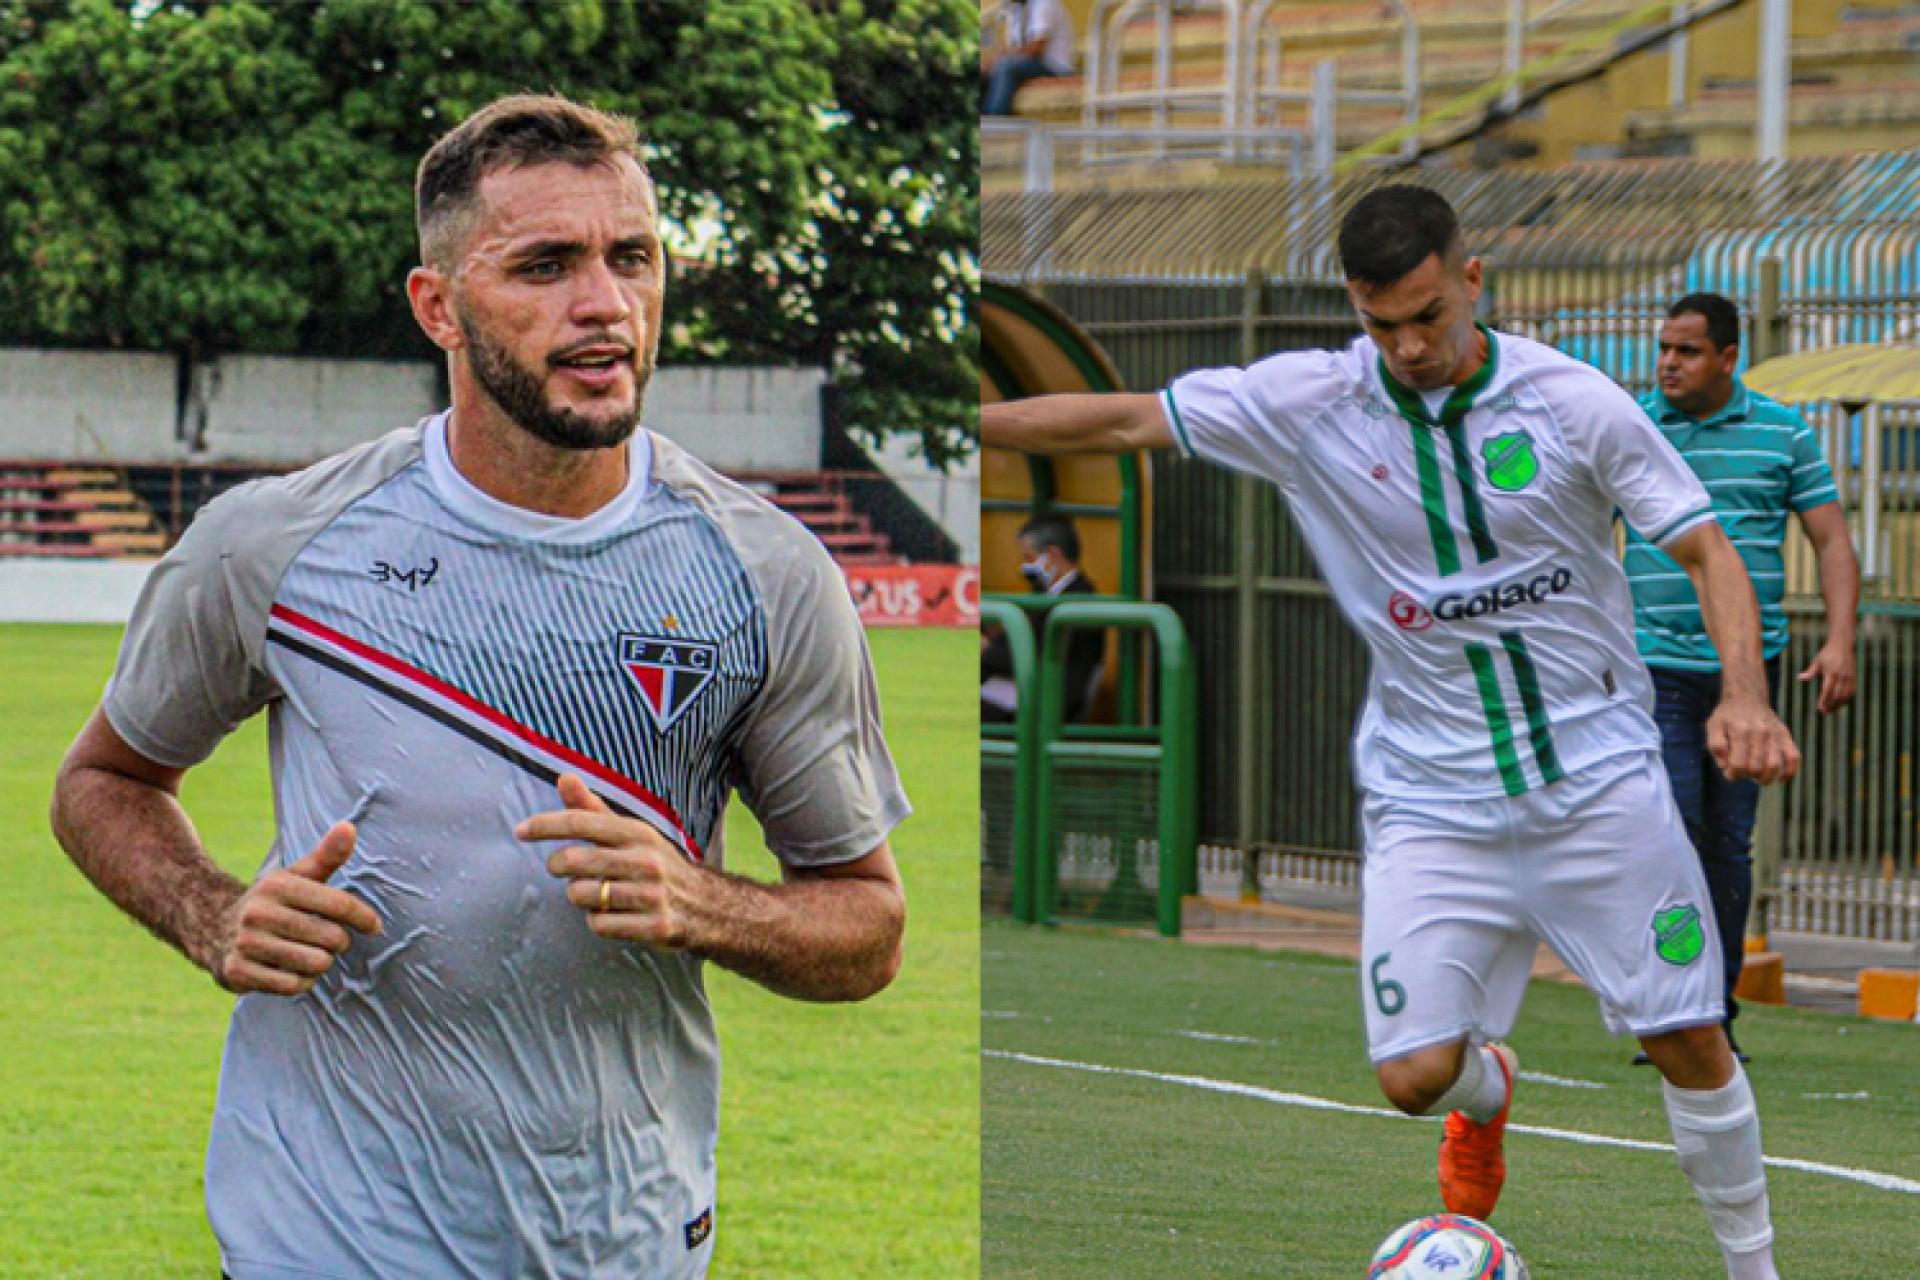 Ferroviário e Floresta se enfrentam hoje pela Série C (Foto: Lenilson Santos/Ferroviário AC e Ronaldo ASCOM/Floresta EC)